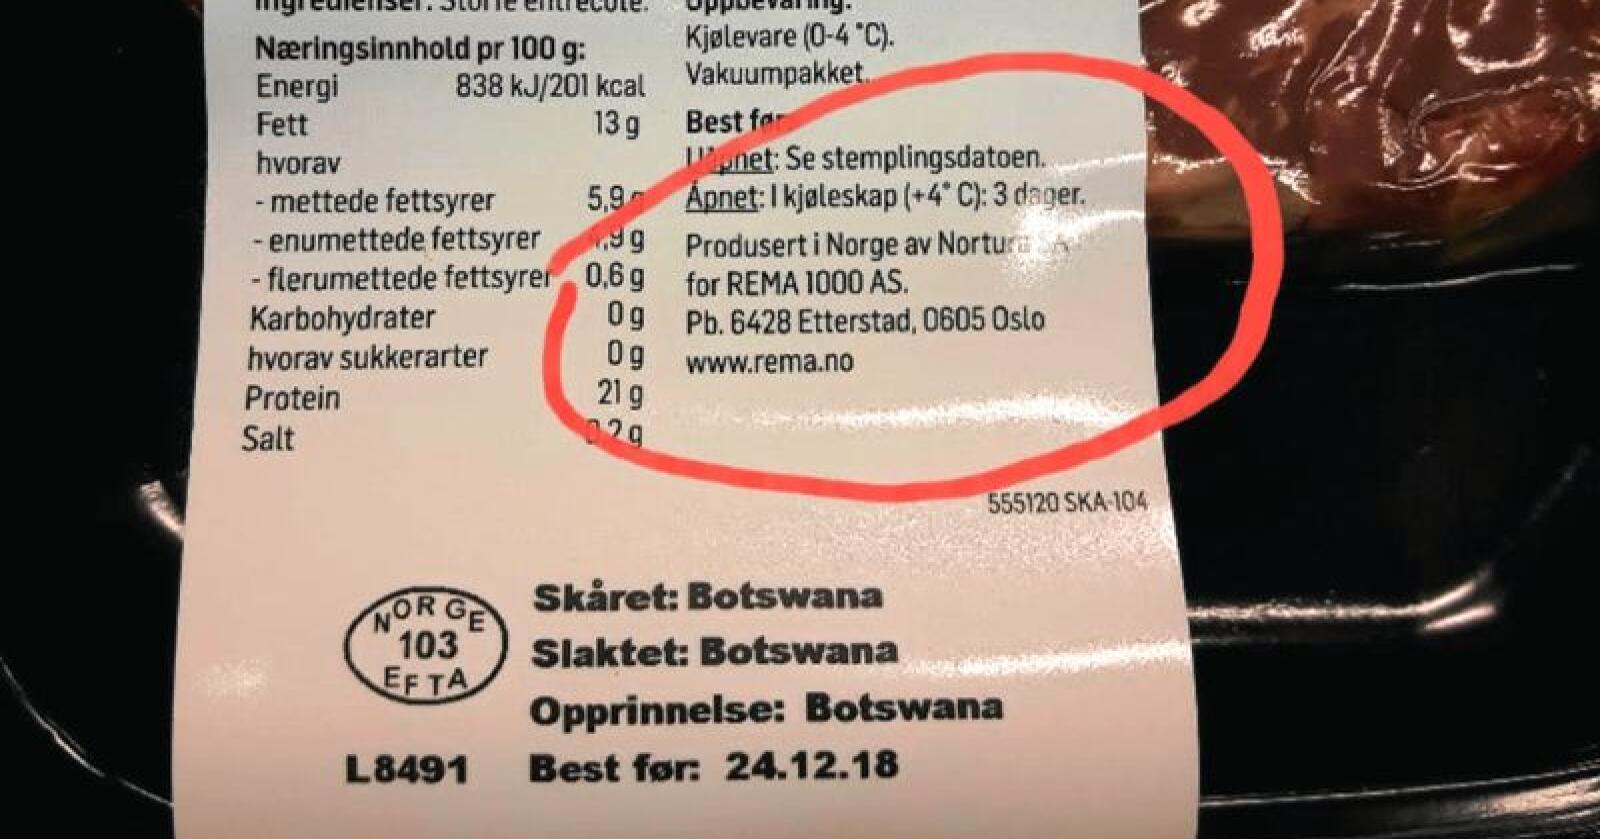 På en pakke til en entrecôte fra Rema 1000 går det fram at kjøttet er produsert i Norge av Nortura, samtidig som den er skåret, slaktet og opprinnelig er fra Botswana. Foto: Skjermdump